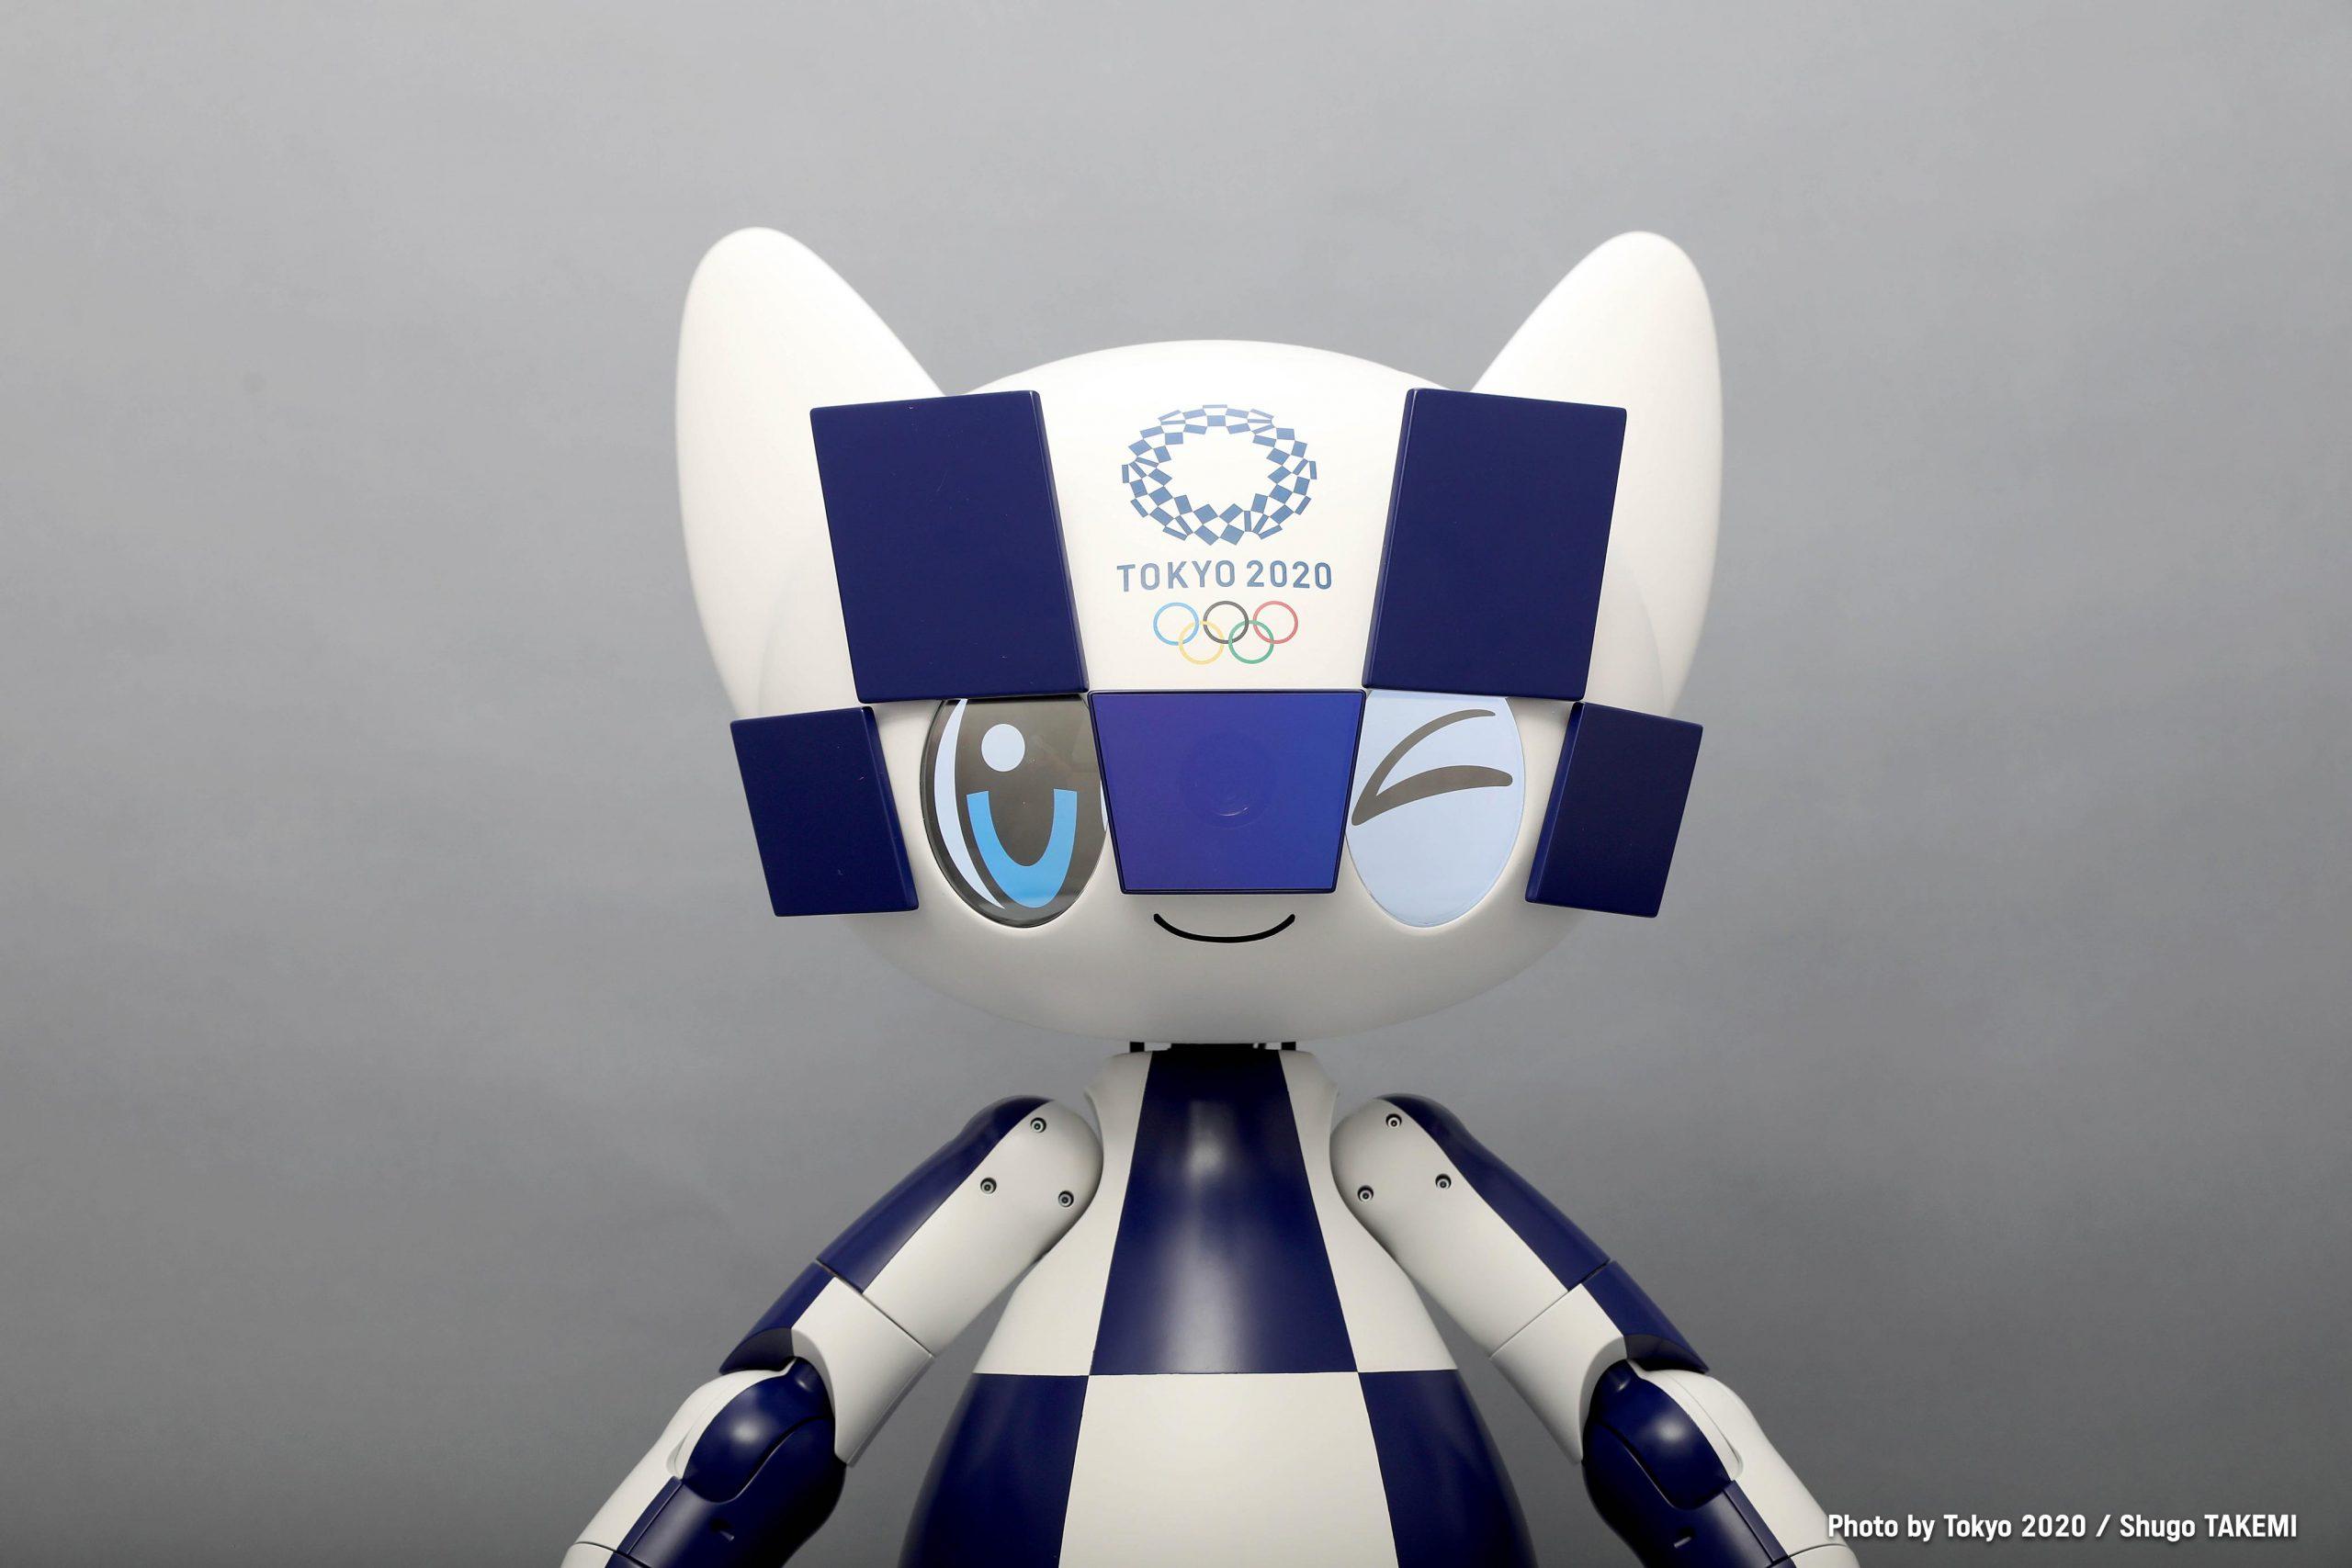 Faltan 100 días para el inicio de los Juegos Olímpicos de Tokio 2020